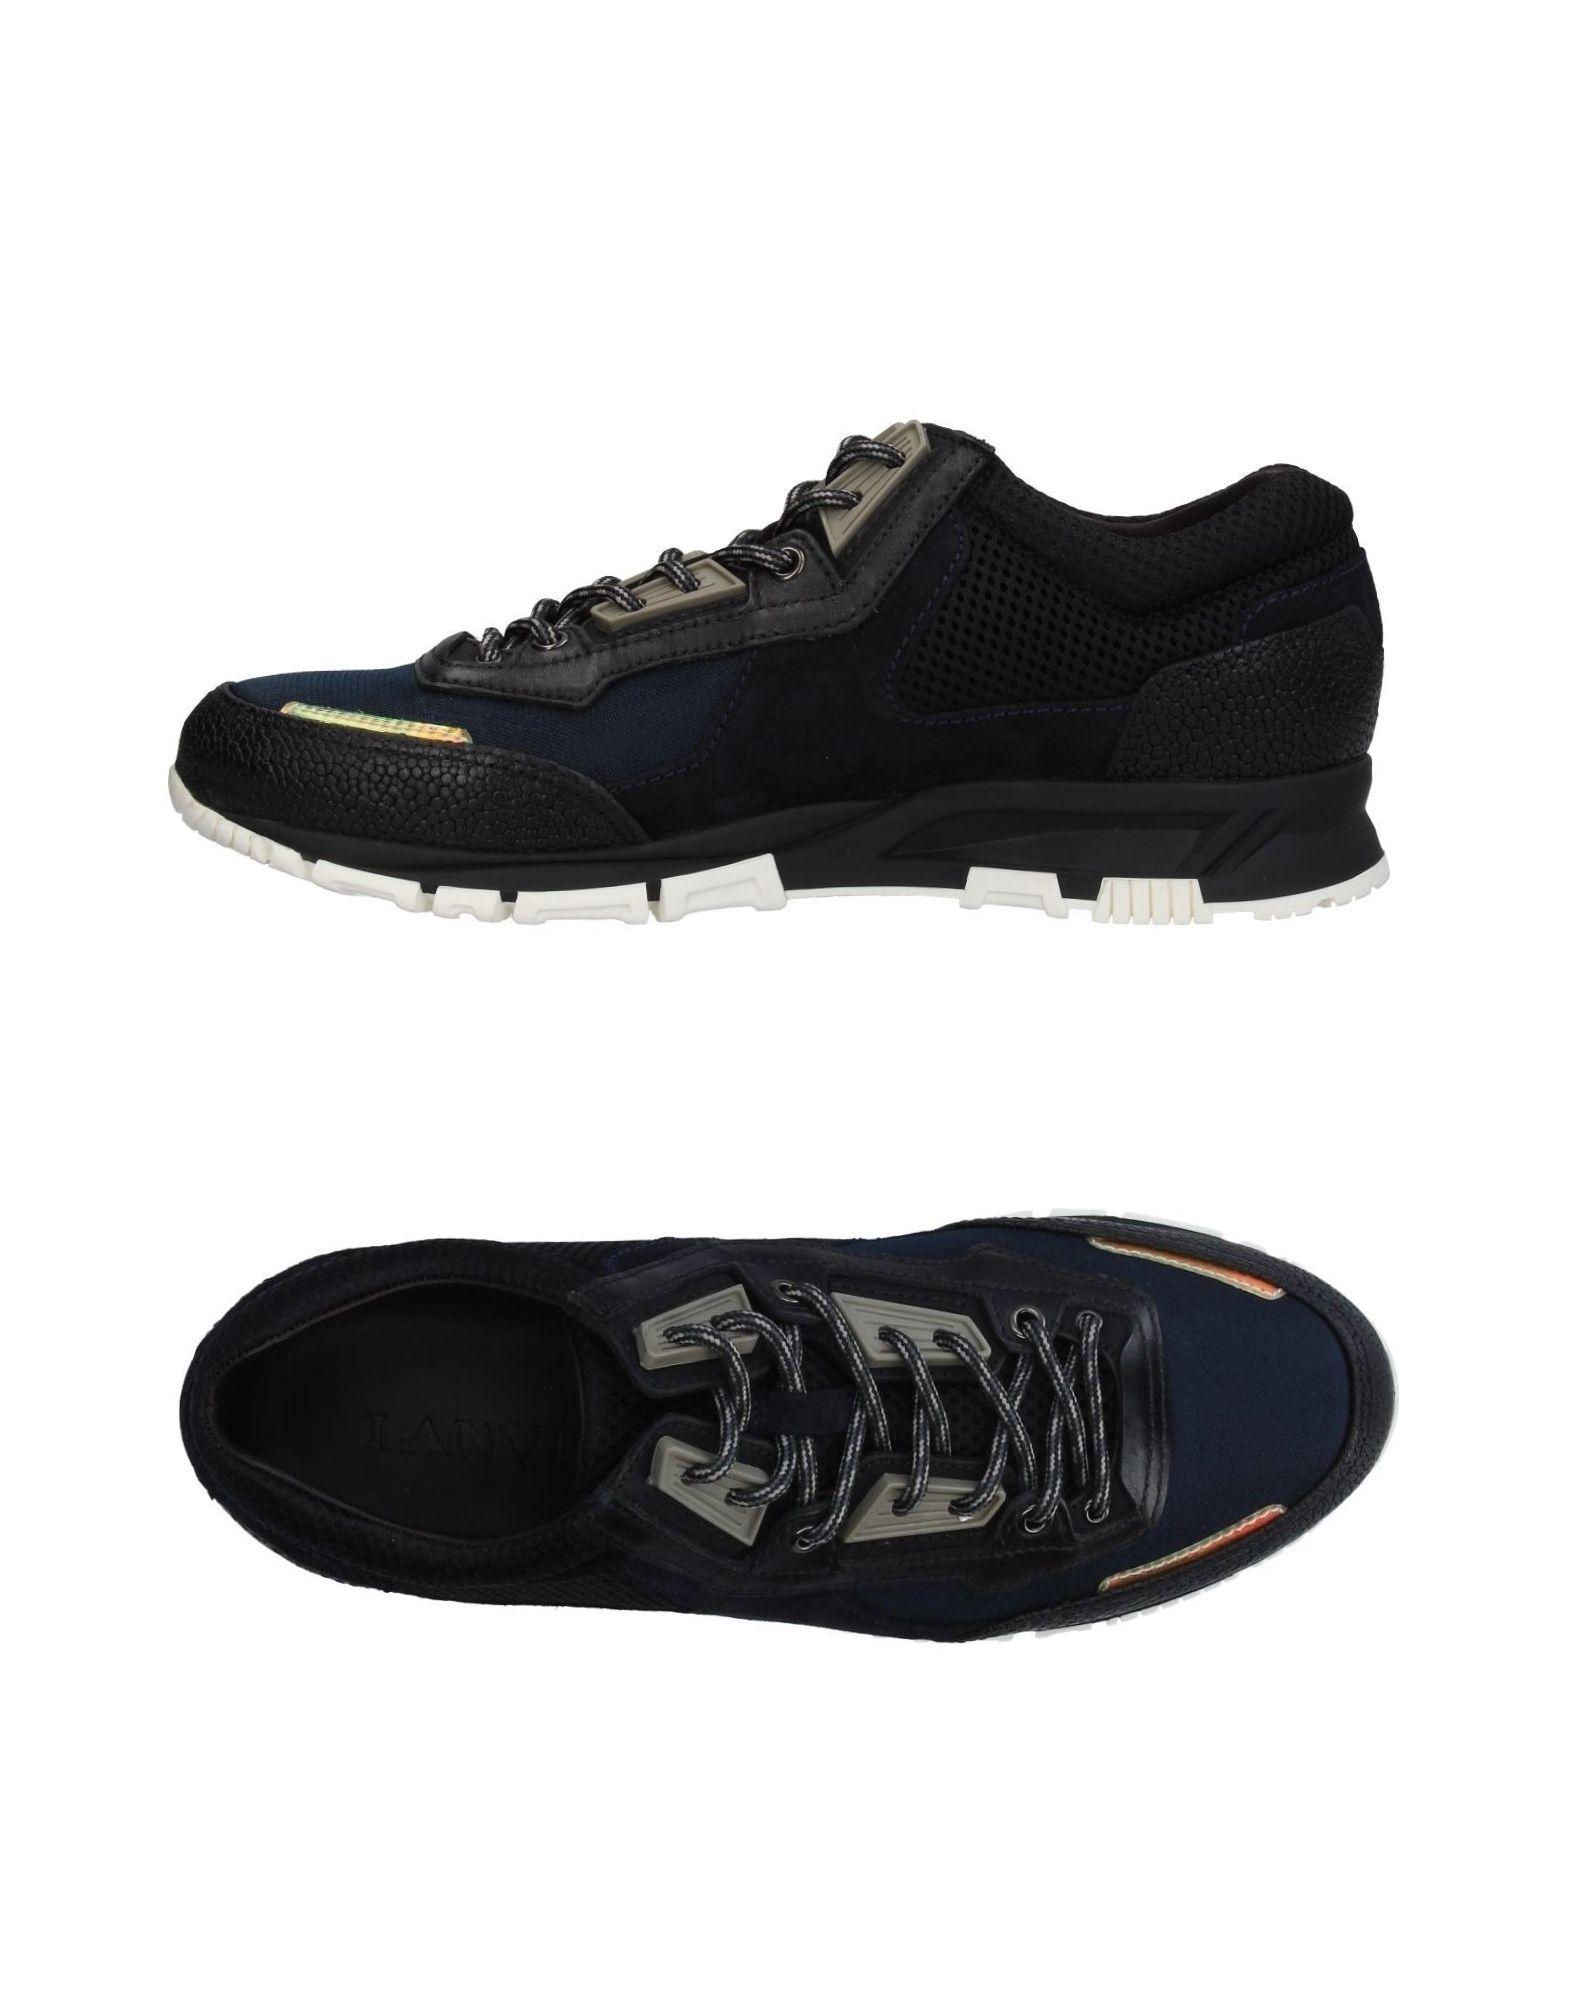 Lanvin Sneakers Herren  11359036PG Gute Qualität beliebte Schuhe